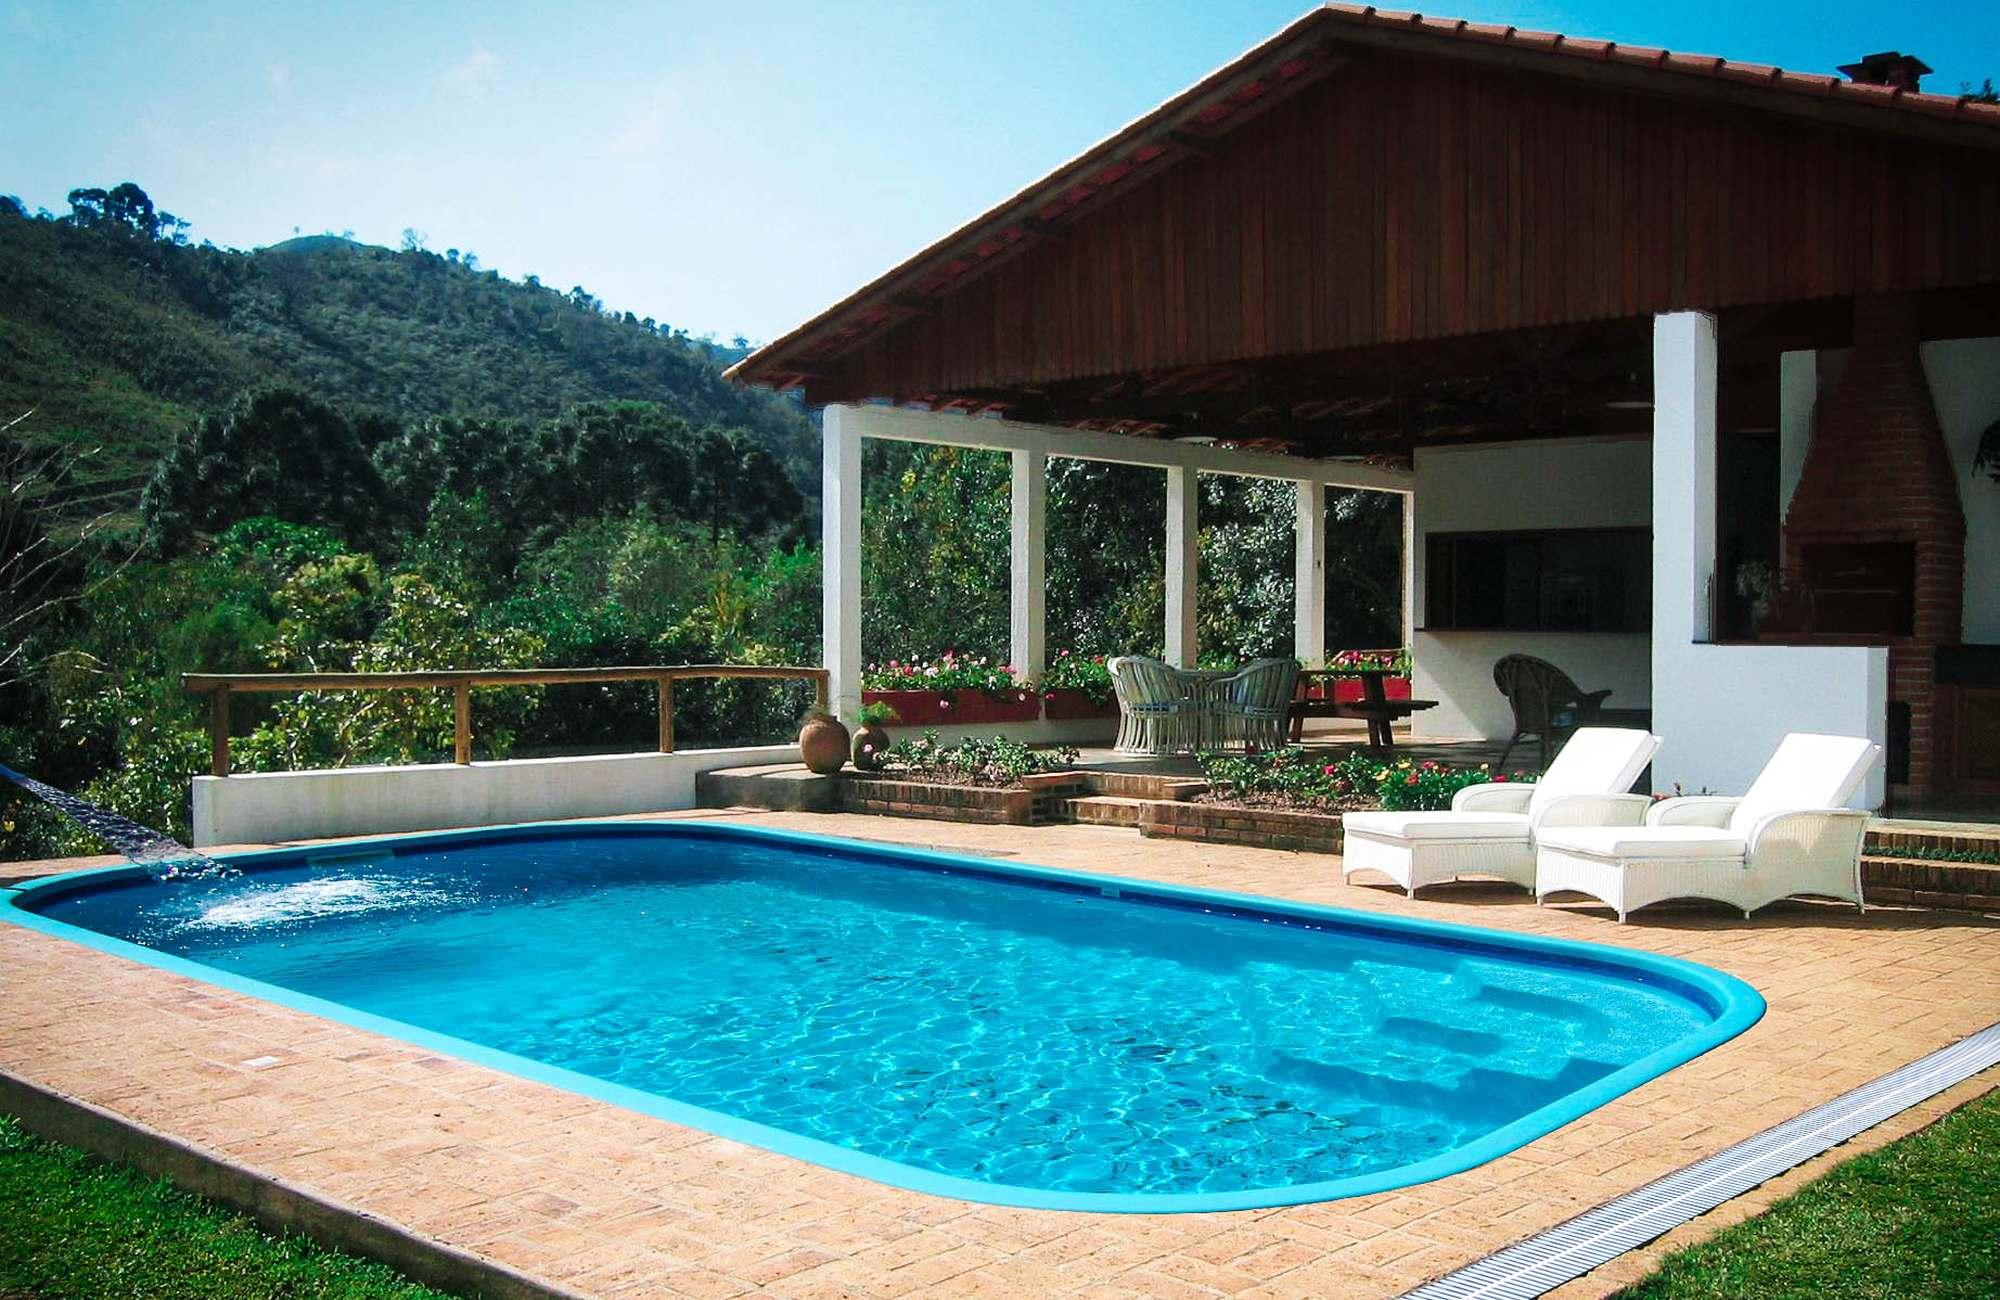 Produto1 retangulares lider piscinas for Lider piscinas